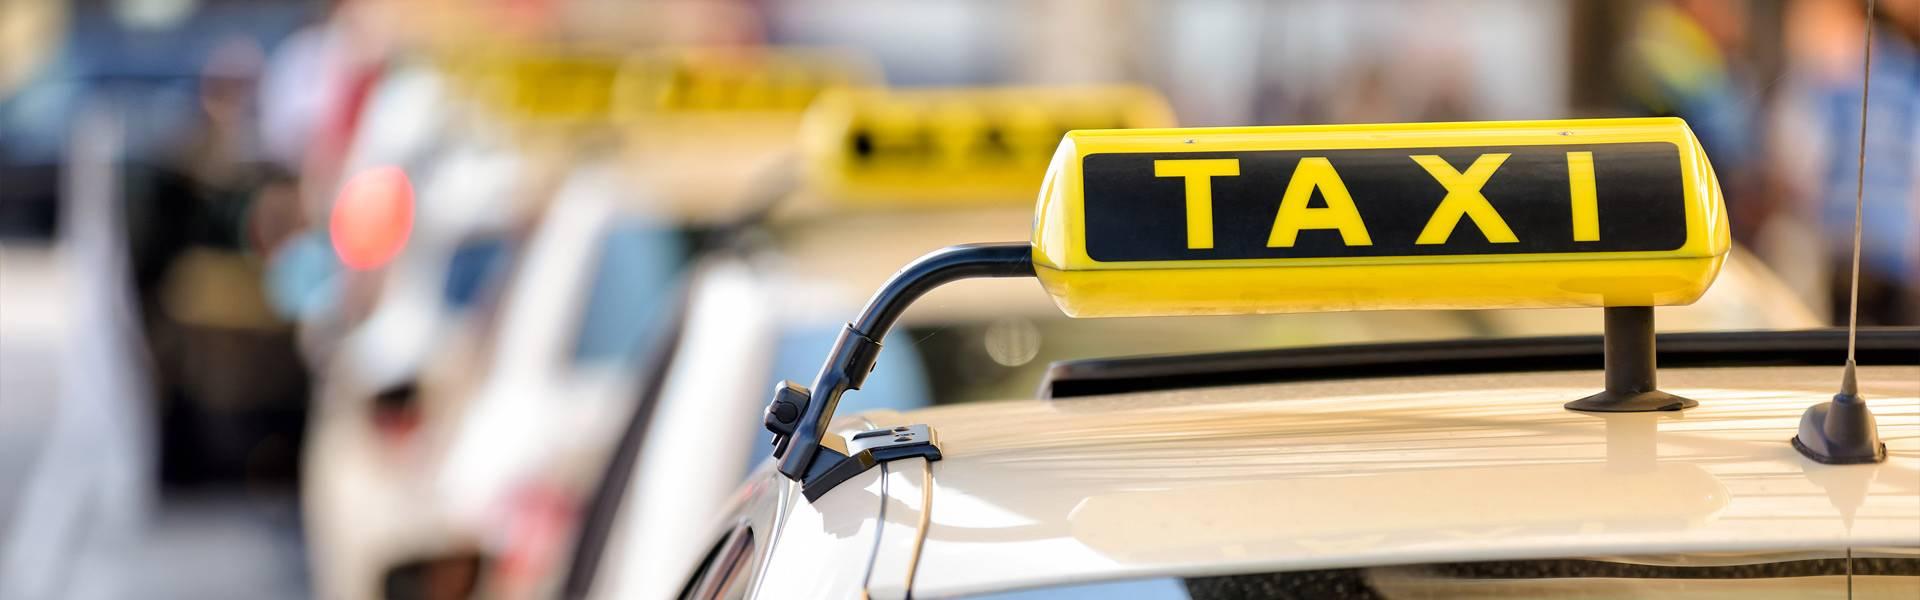 Яндекс такси в финляндии в хельсинки цены, как вызвать